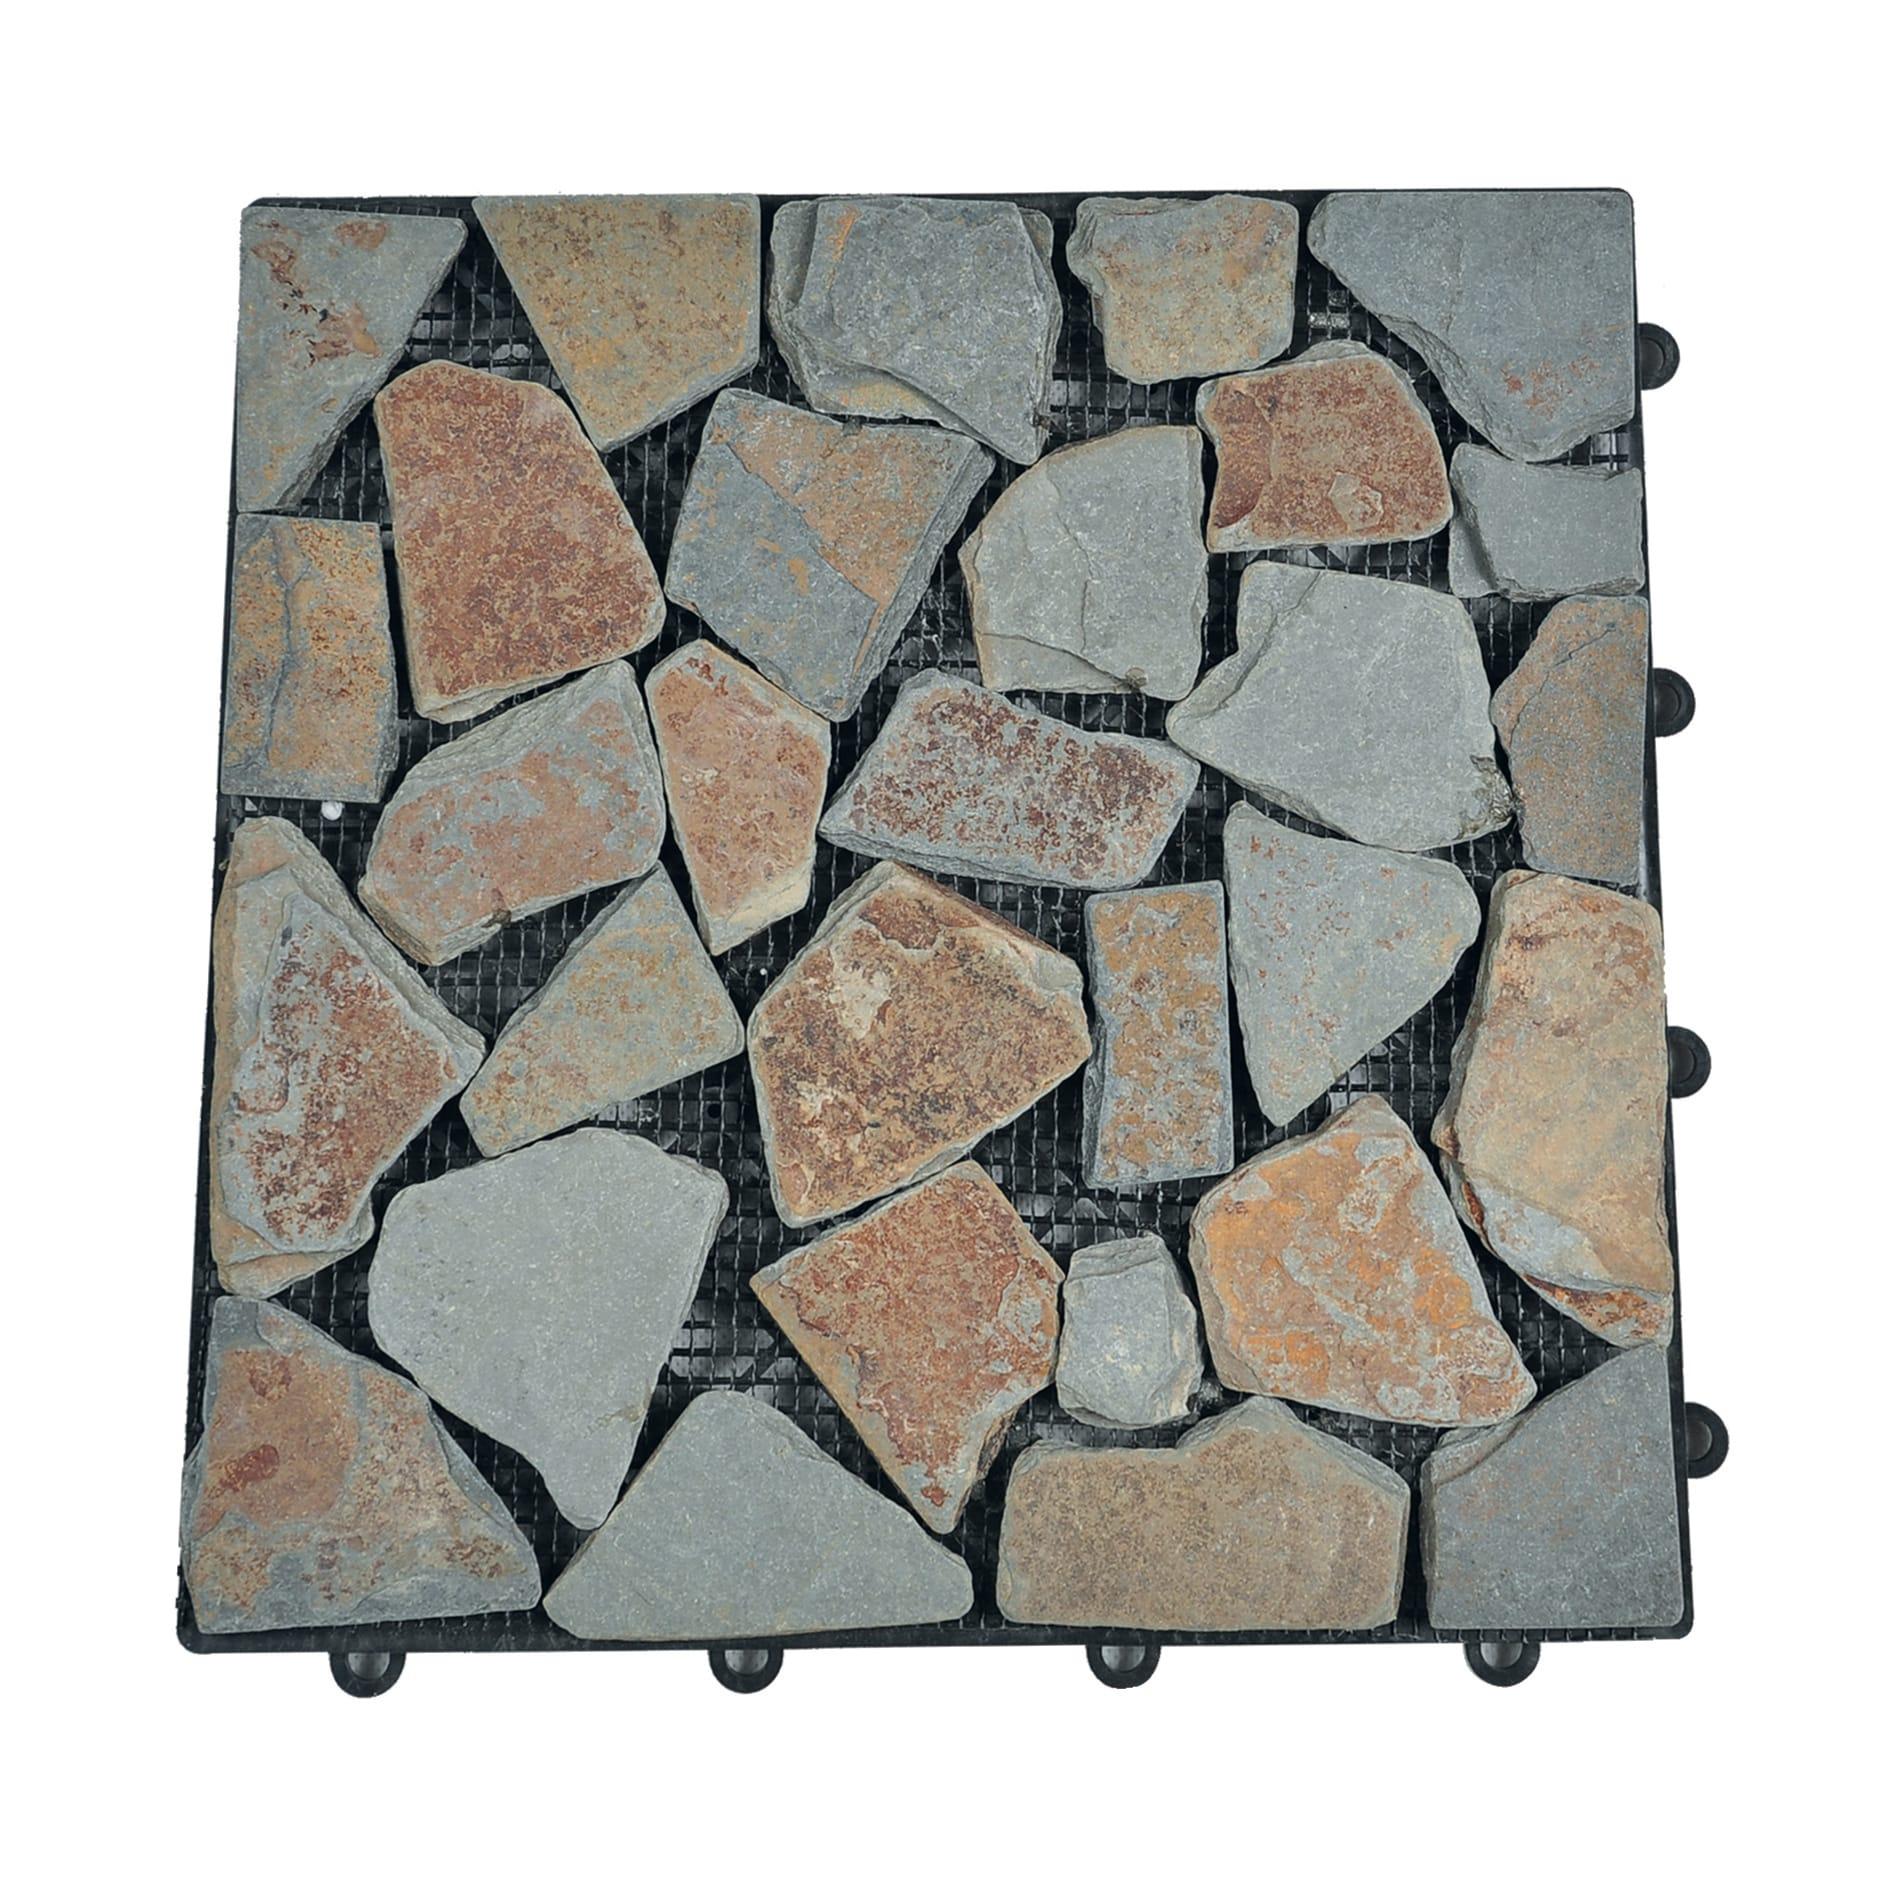 Piastrelle Da Esterno A Incastro piastrelle ad incastro sassi in ciottolo 30 x 30 cm sp 28 mm, beige